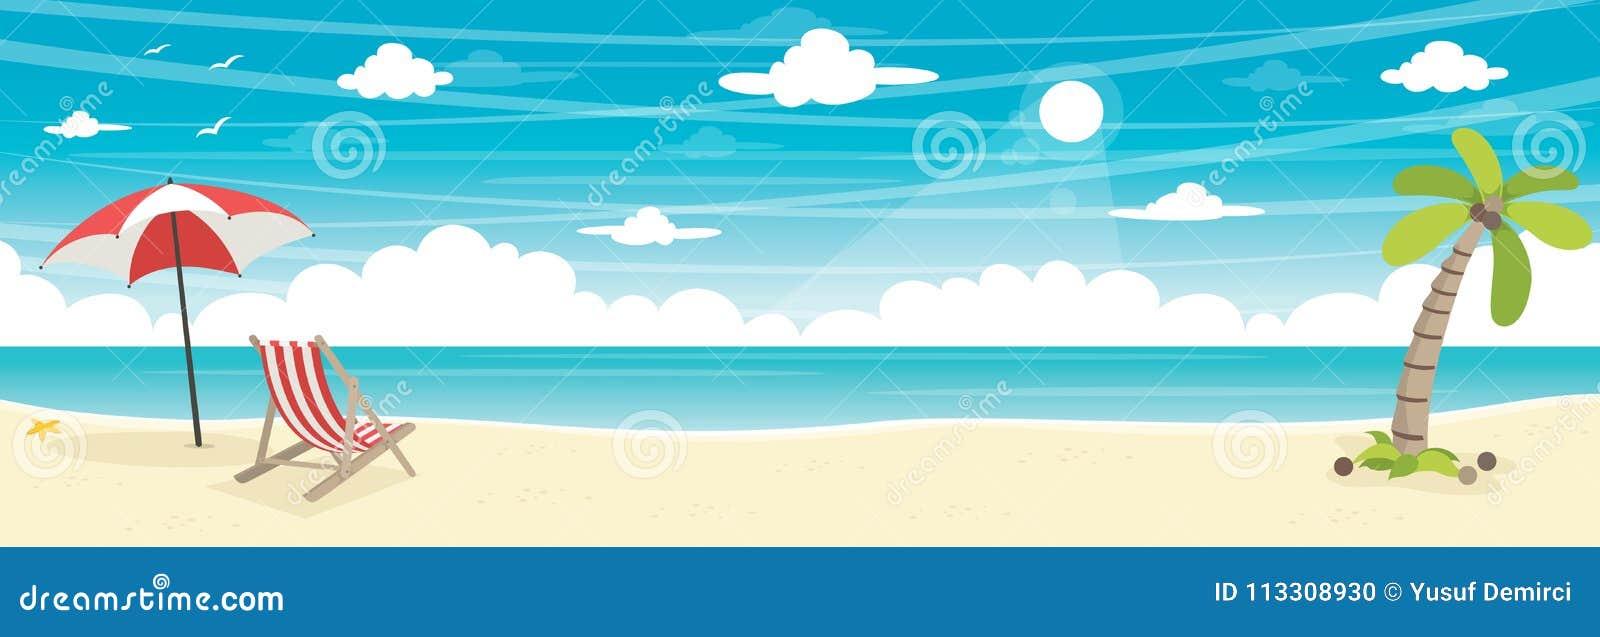 Illustrazione di vettore del fondo della spiaggia di estate